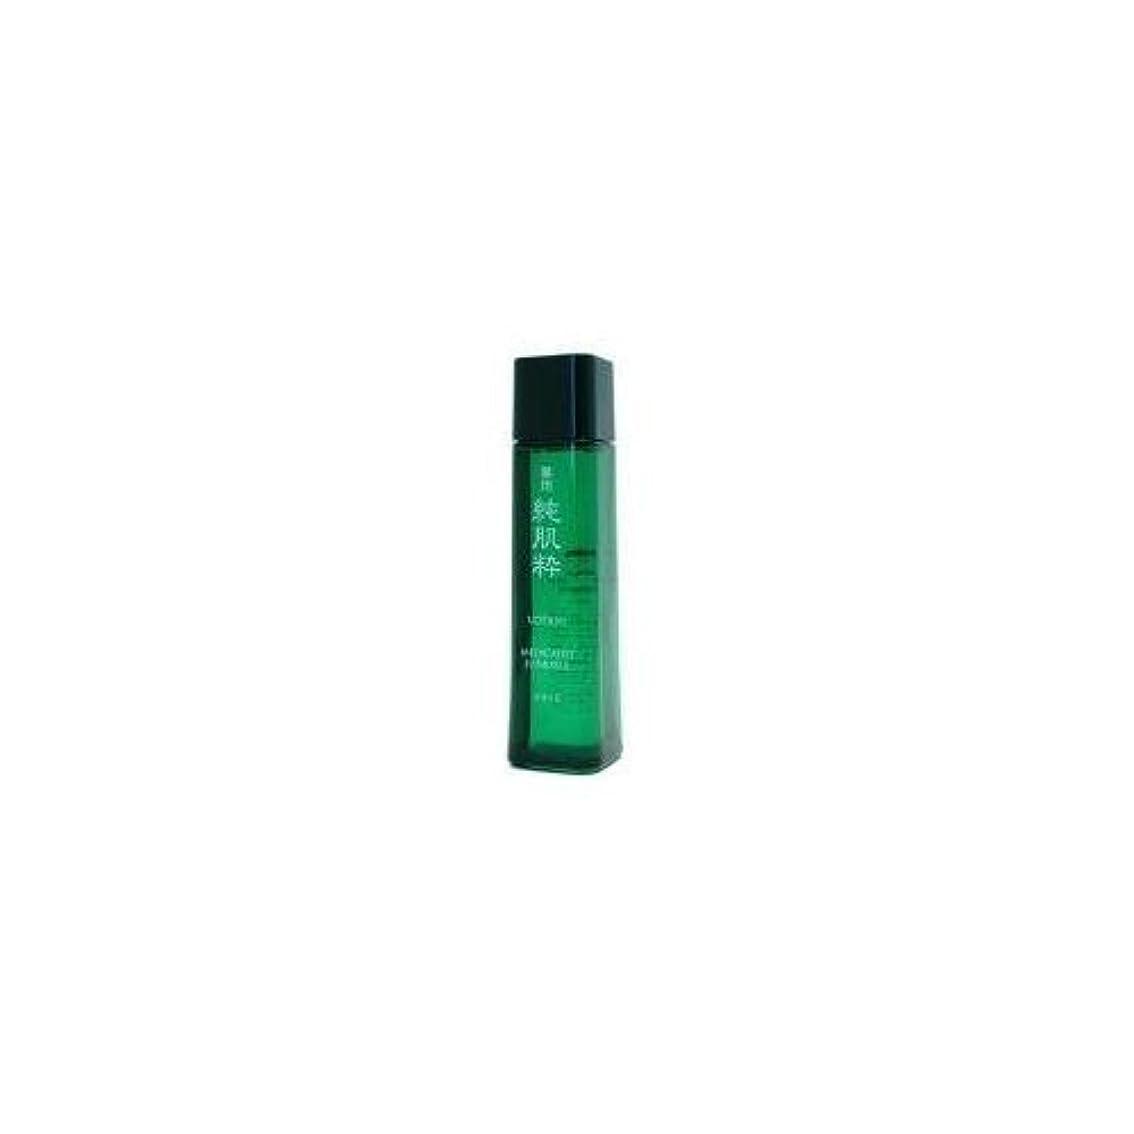 放散するおんどり流行コーセー 薬用 純肌粋 化粧水 150ml